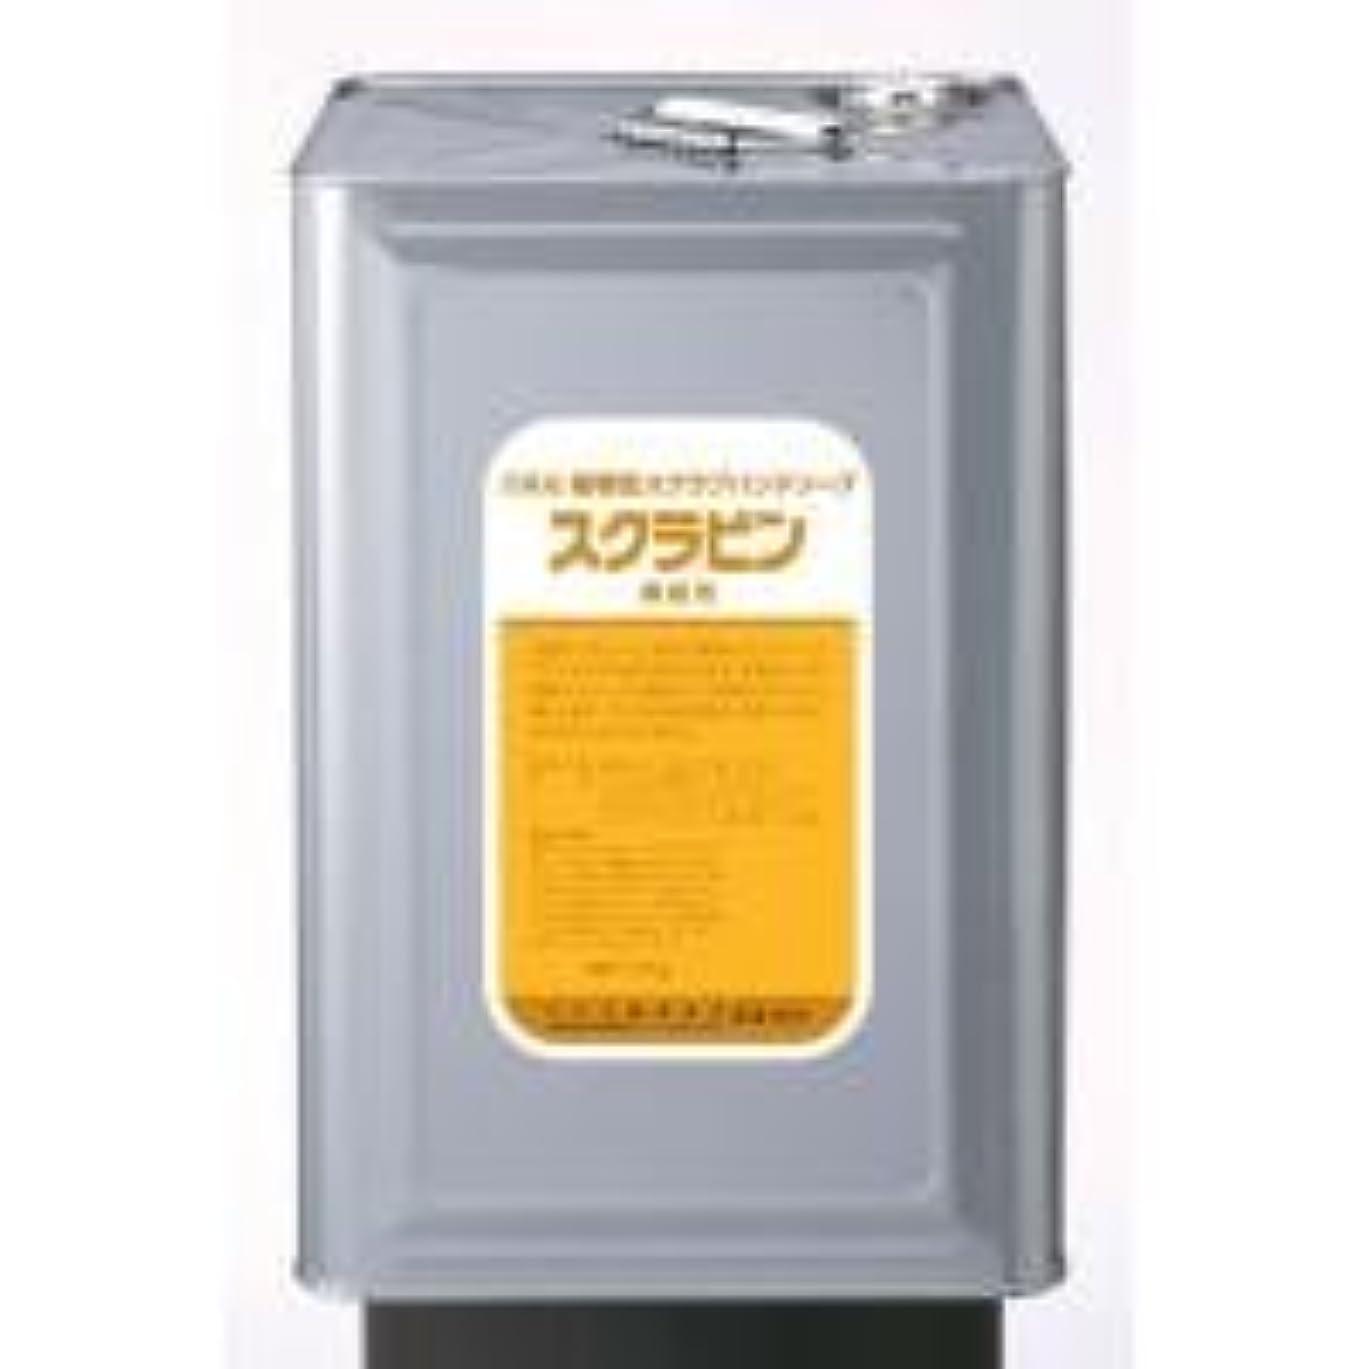 墓連帯そうサラヤ スクラビン 17kg 1缶